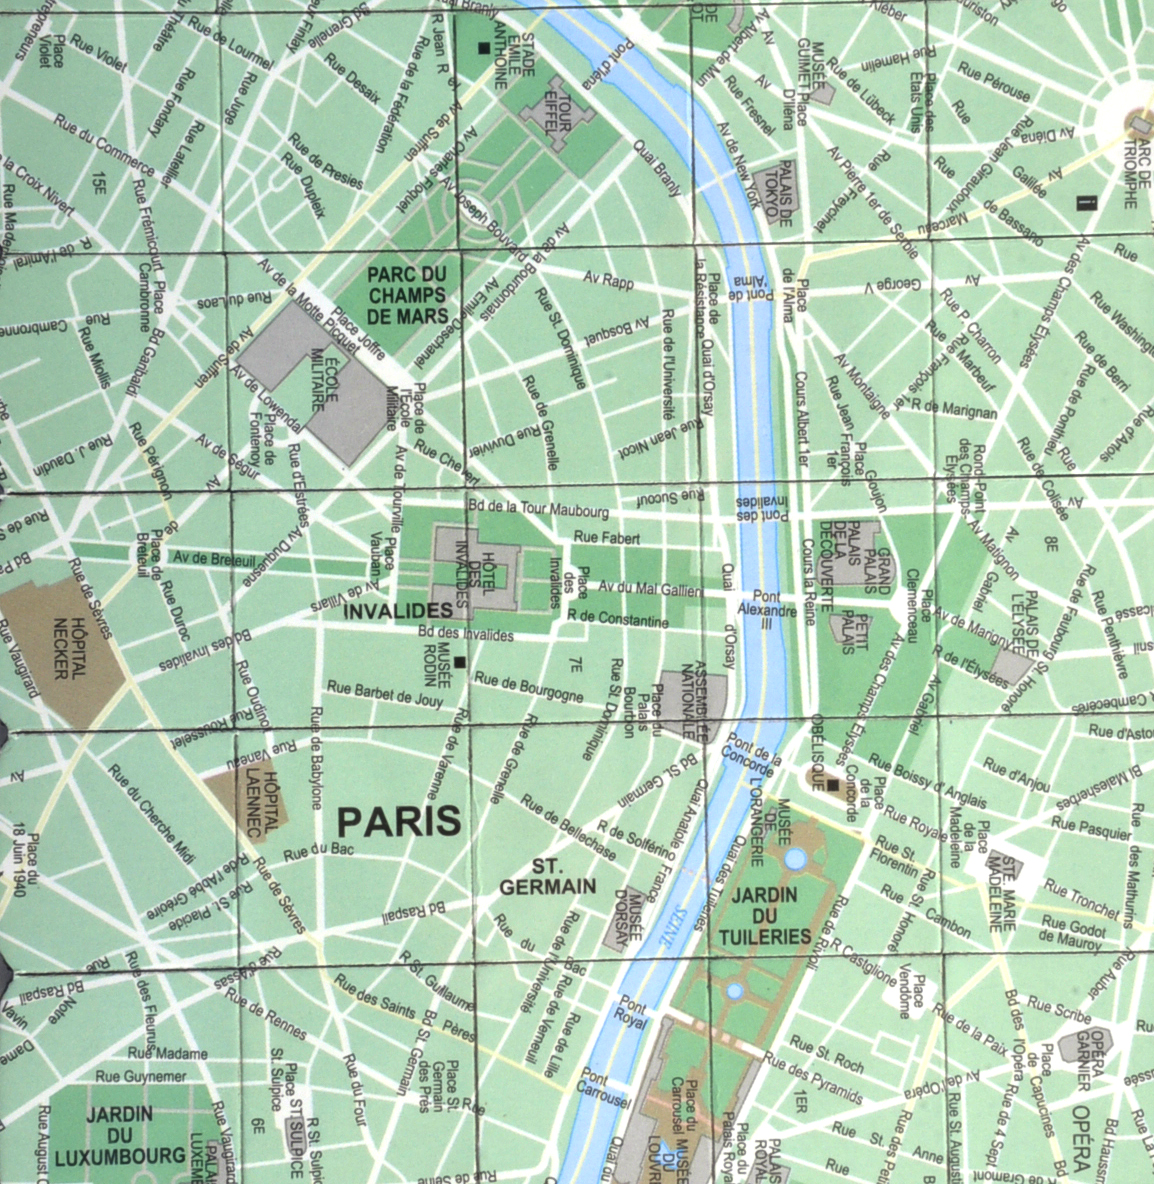 Paris City Map Fridge Magnet Puzzle - Learn the City Map Knowledge ...